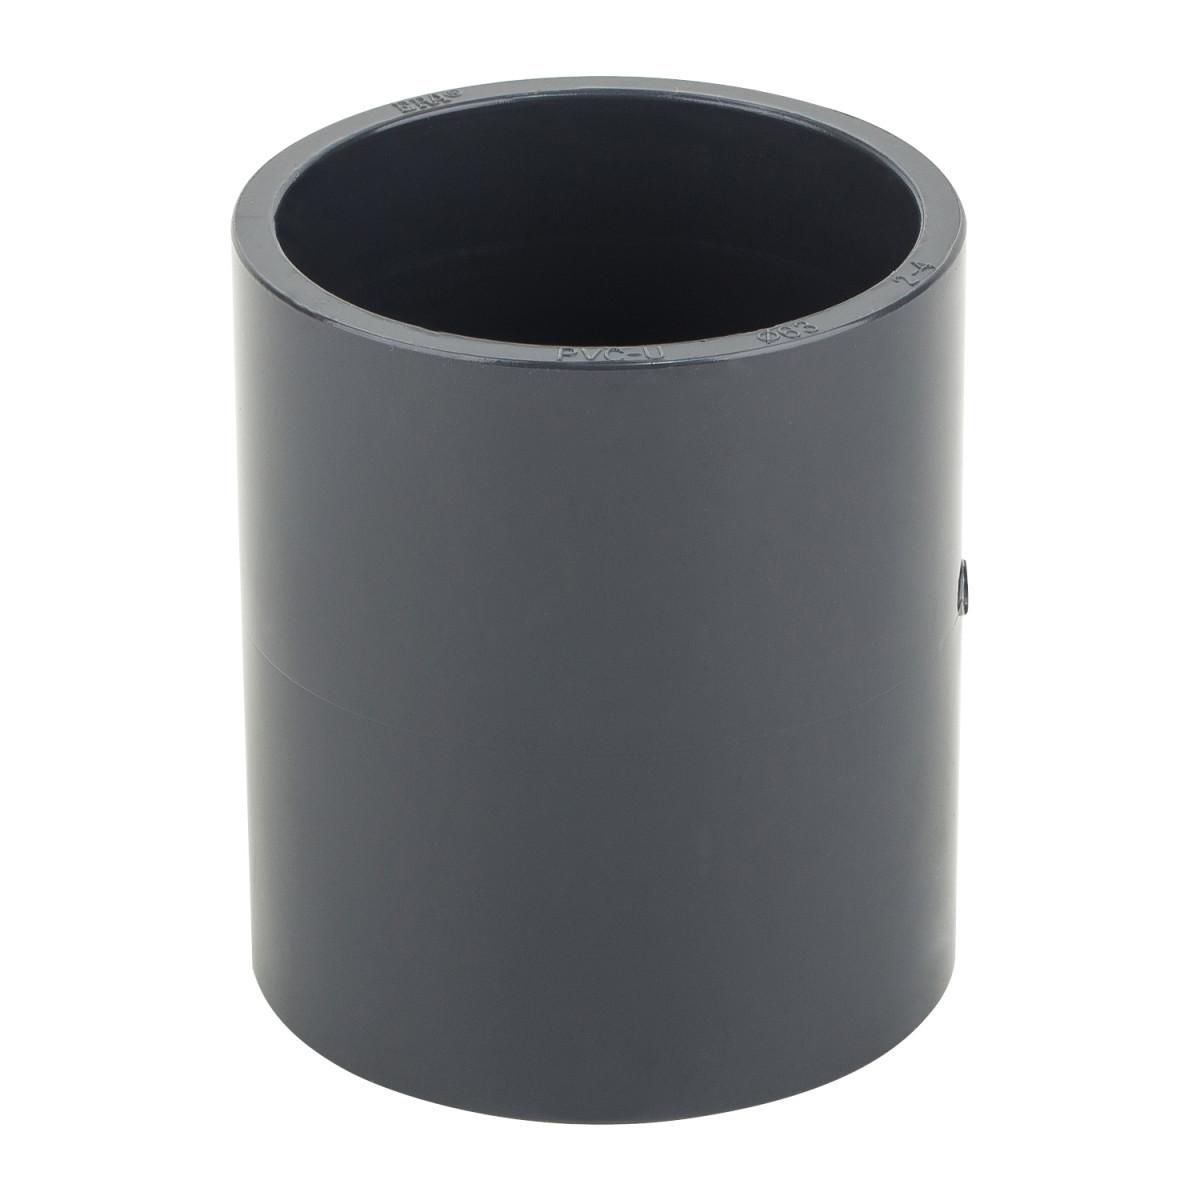 Муфта ПВХ ERA соеденительная диаметр 200 мм